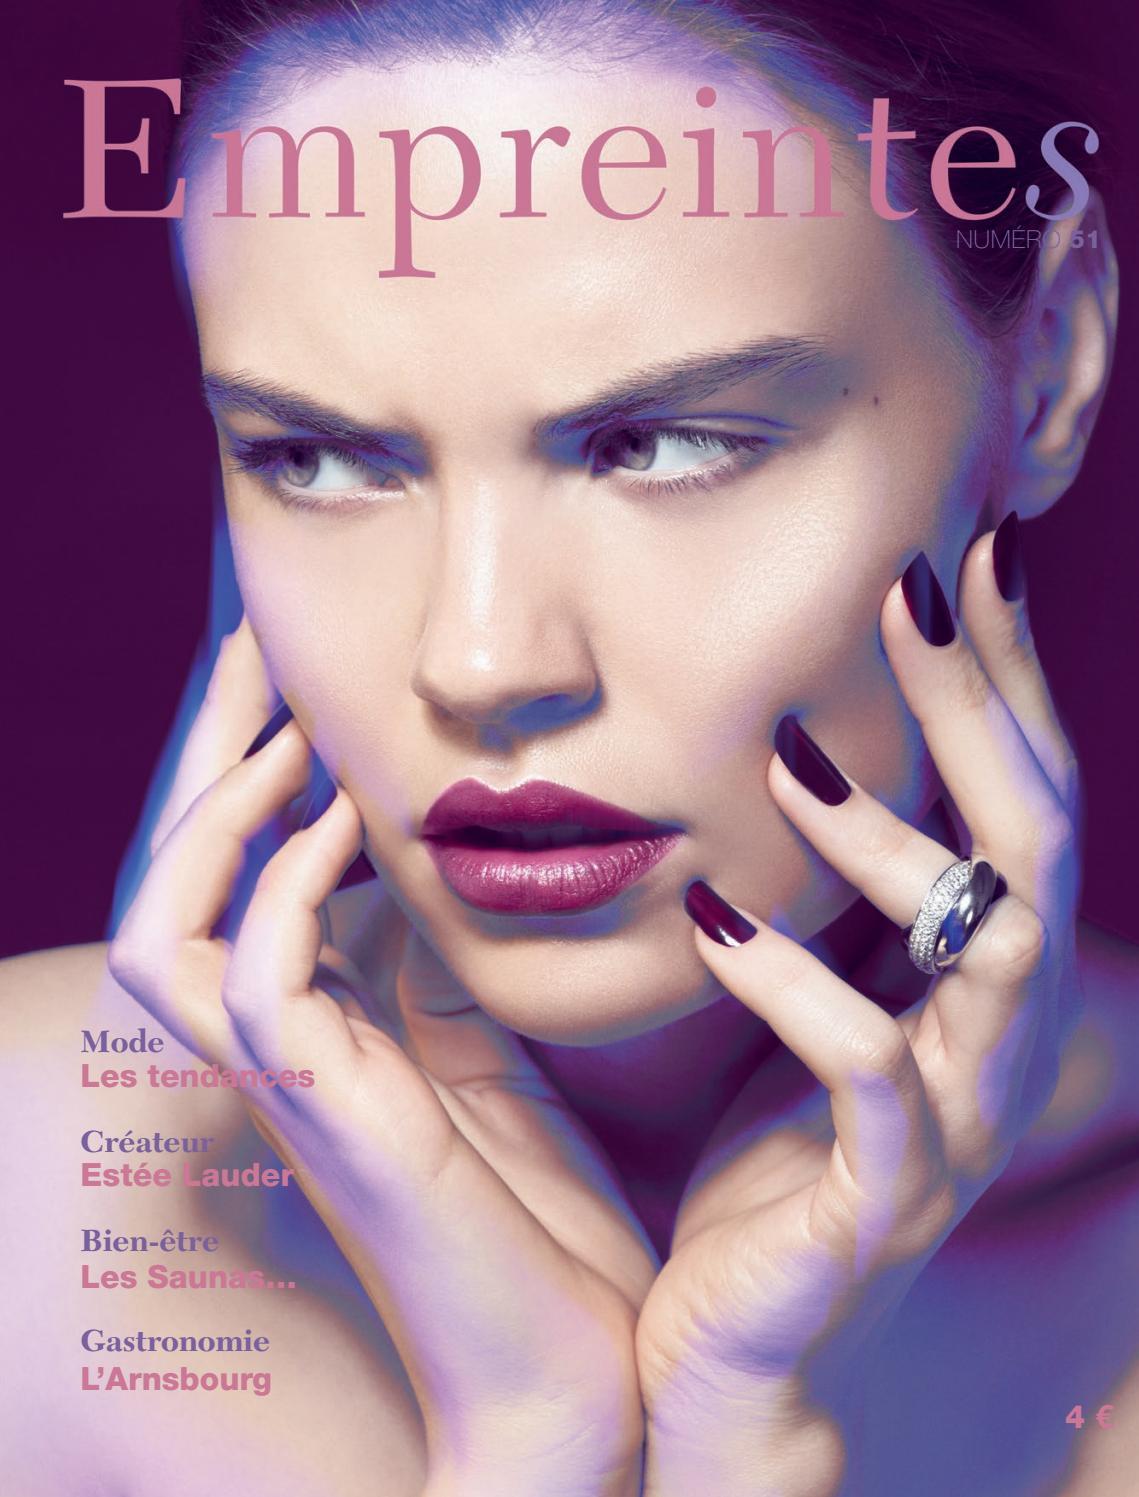 Empreintes n° 51 (édition printemps 2017) by Spassion magazine - issuu 65ef5324fe5